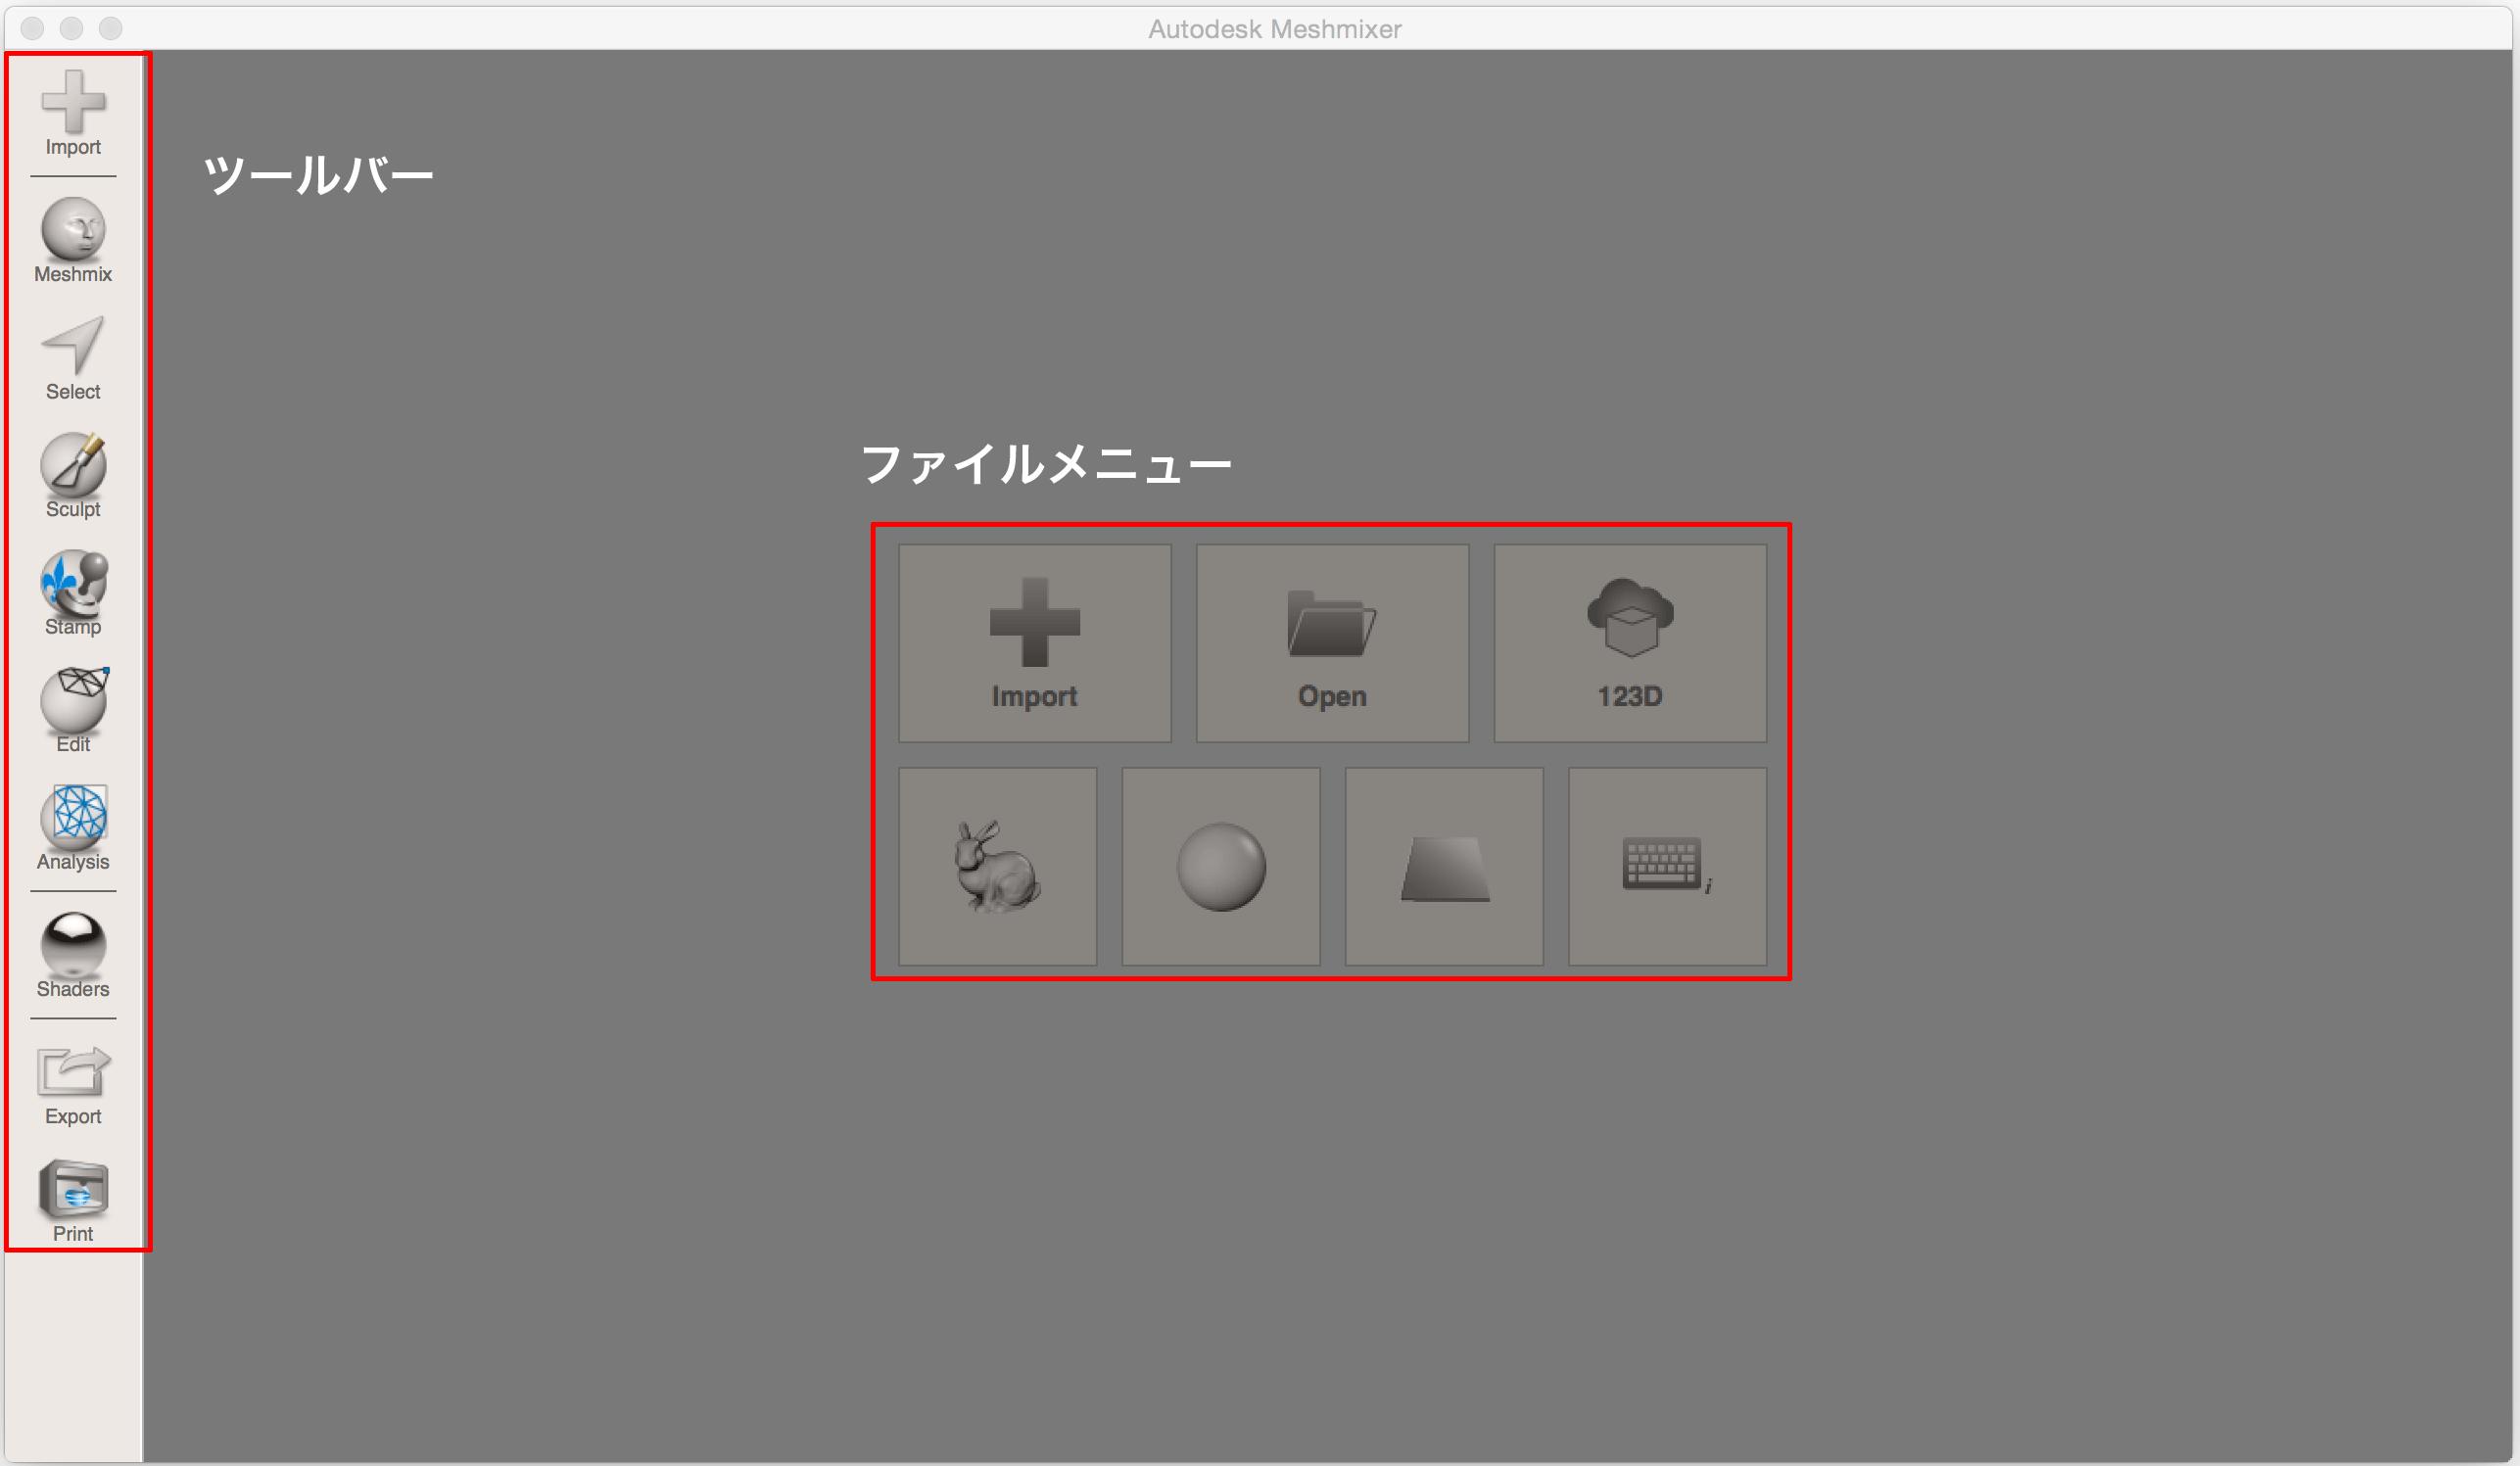 メッシュミキサーの操作画面